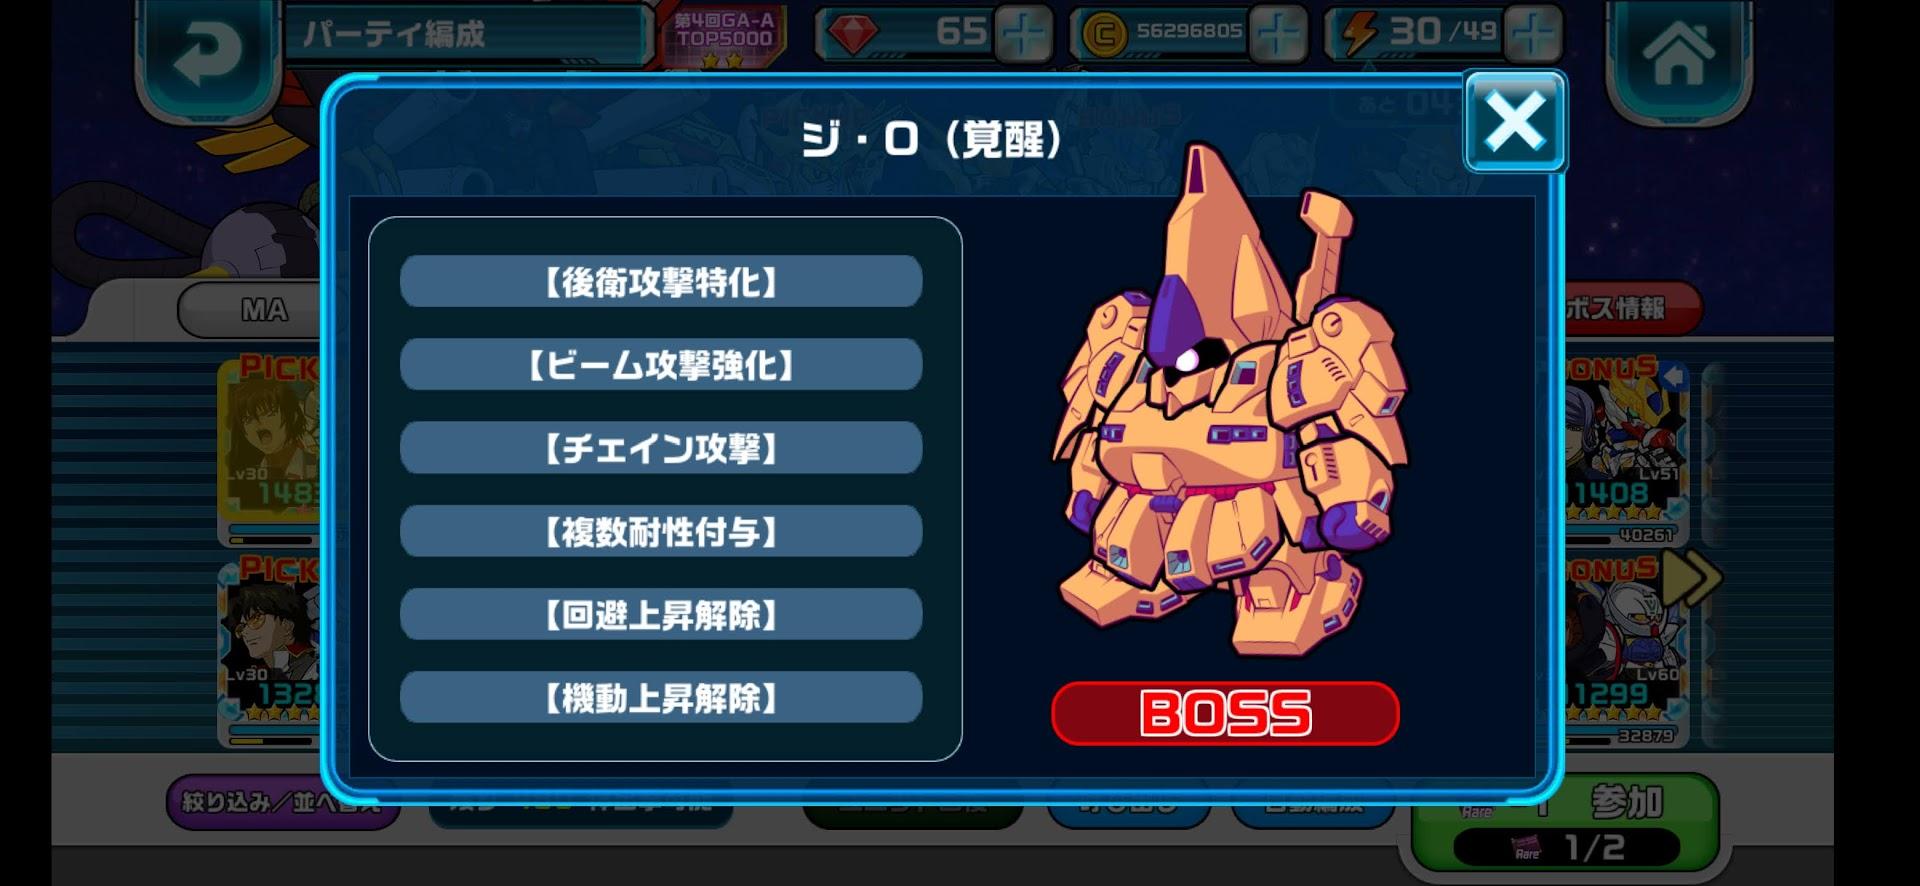 レイドイベント!サイコ・ガンダムMk-Ⅱ強襲!